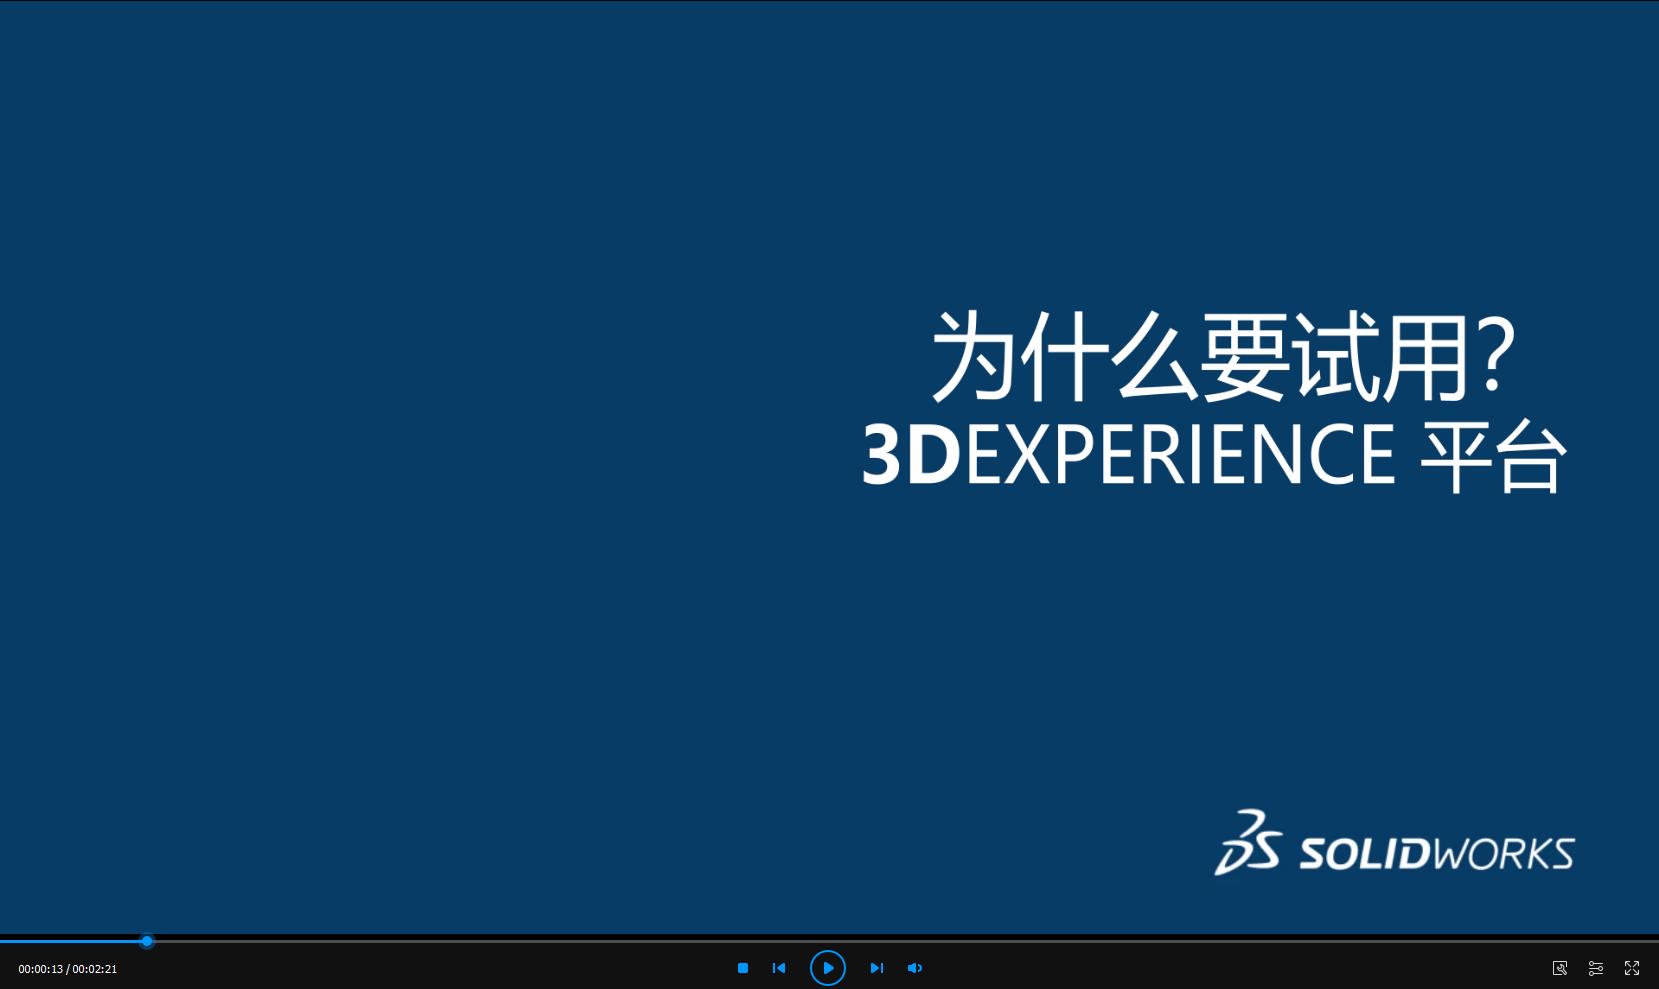 为什么要使用3DEXPERIENCE 平台?